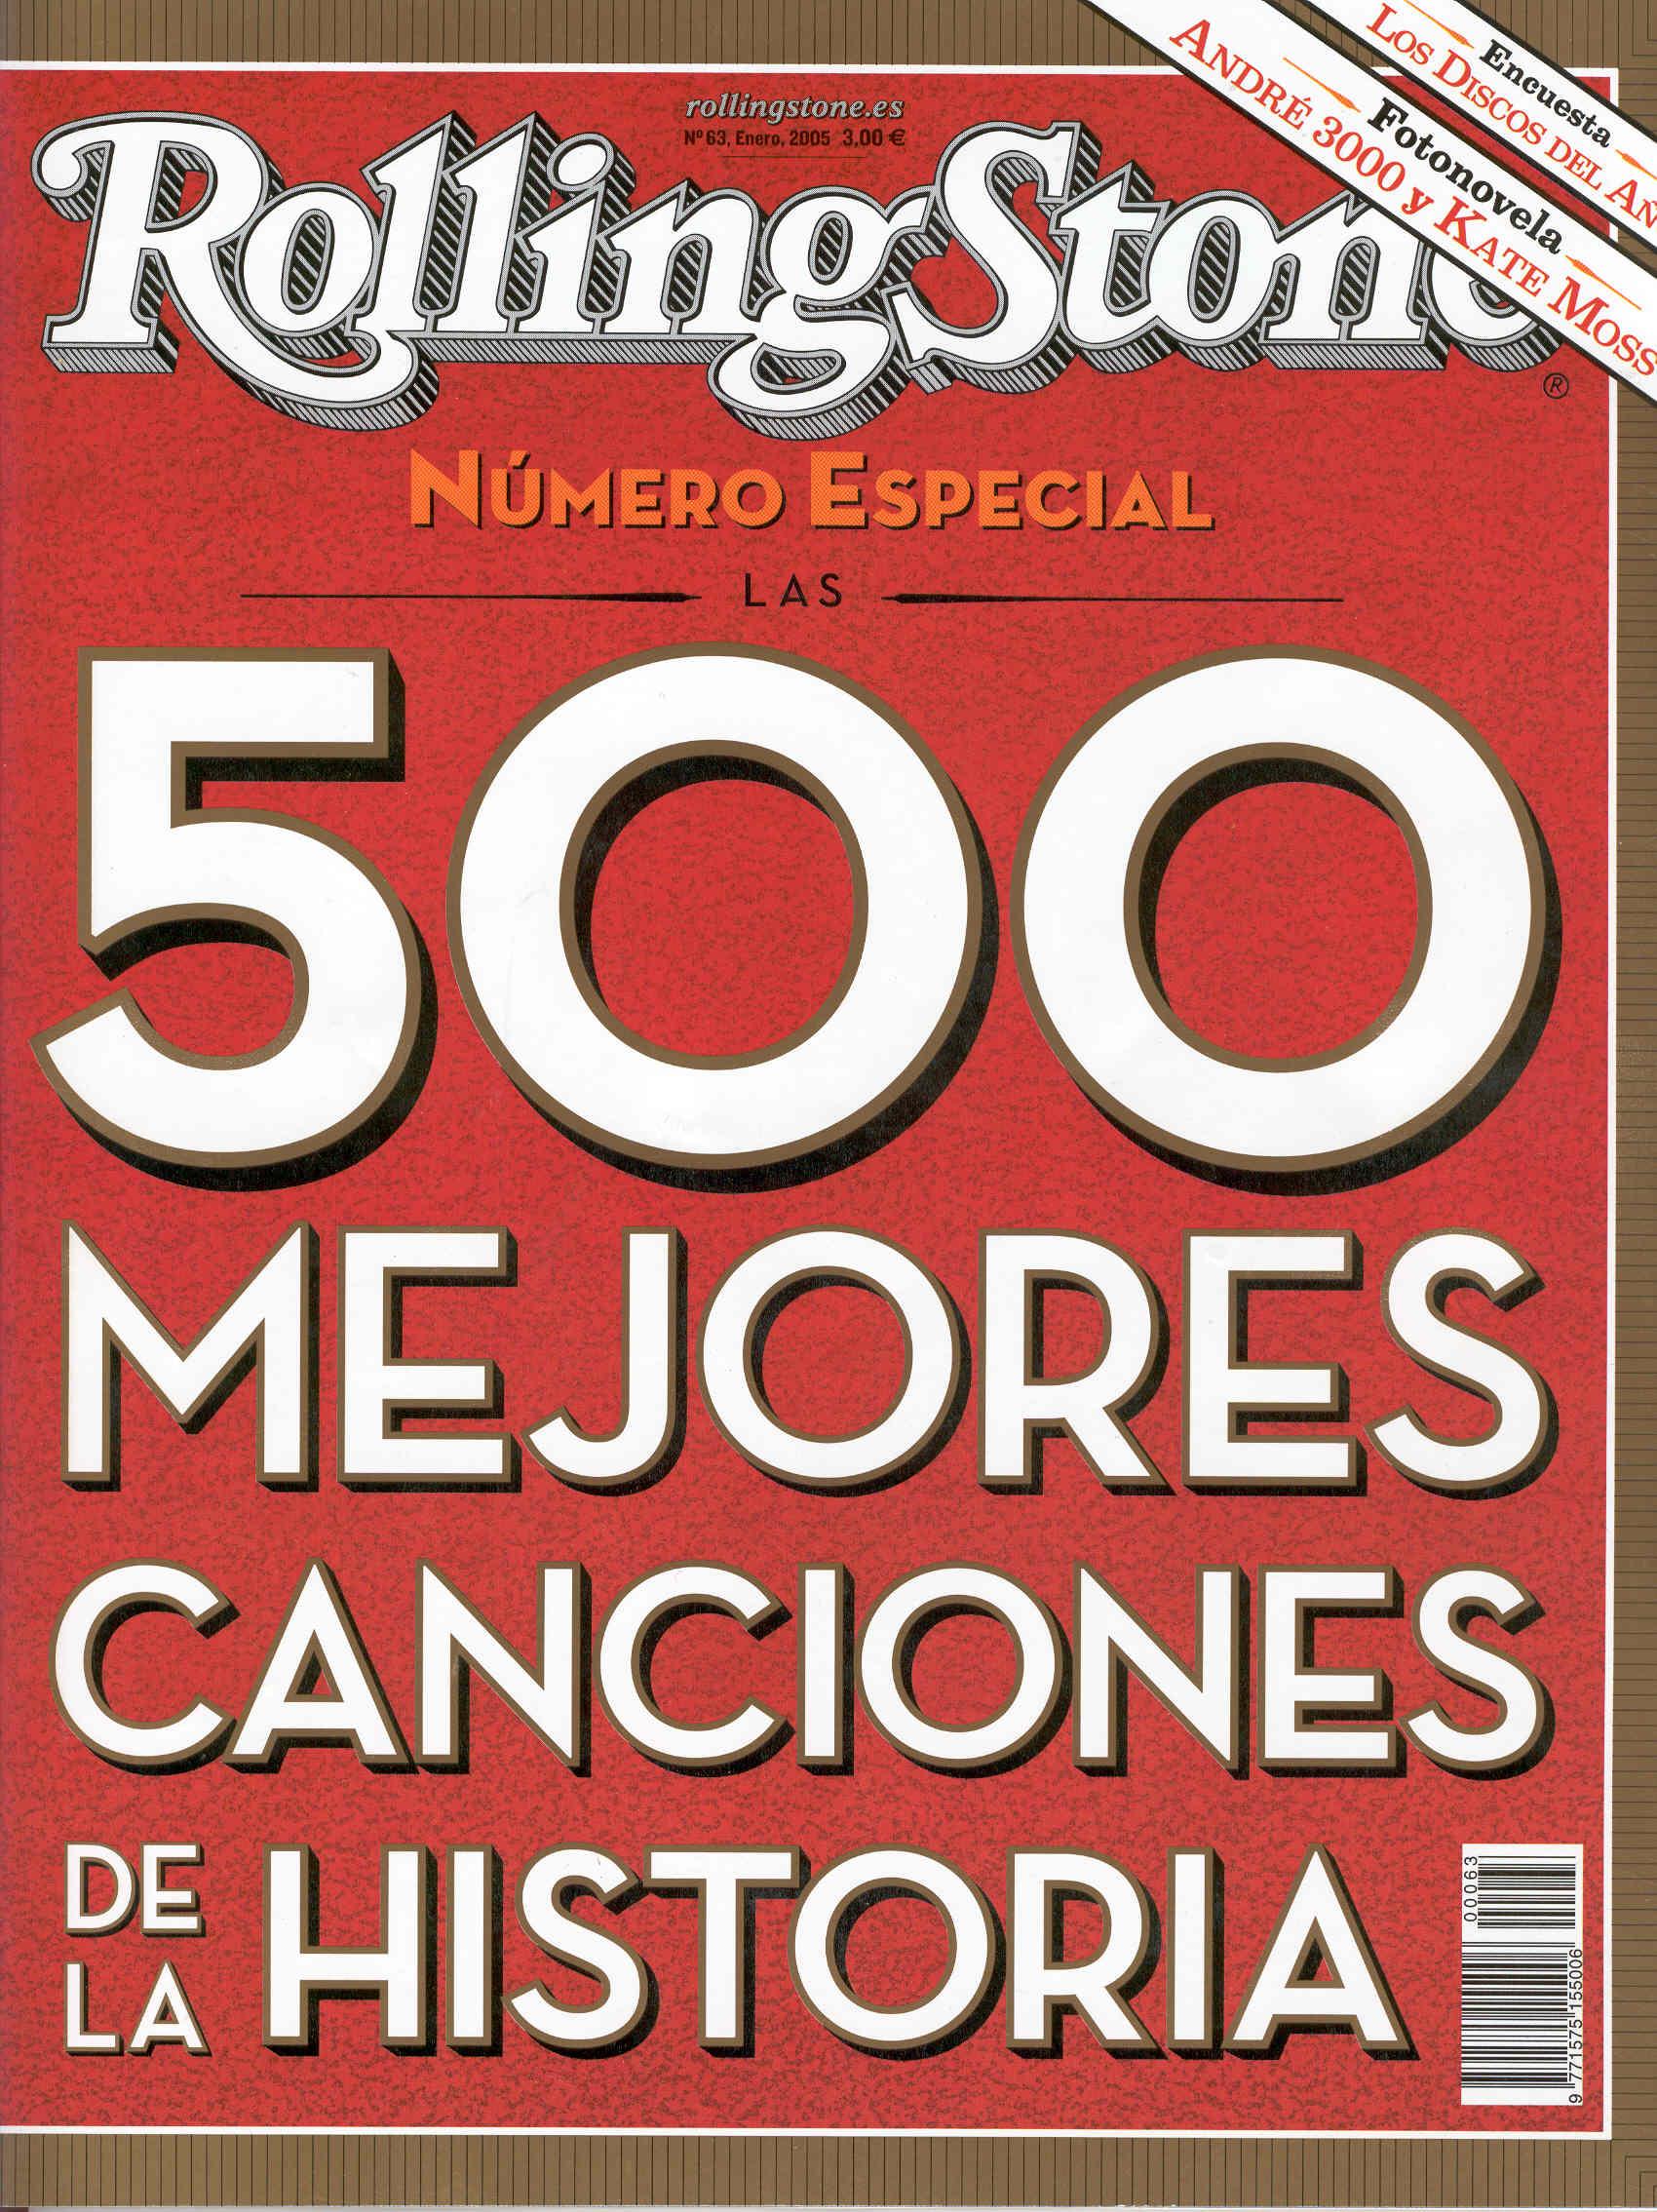 Las 10 mejores canciones de la historia (Revista Rolling Stones)